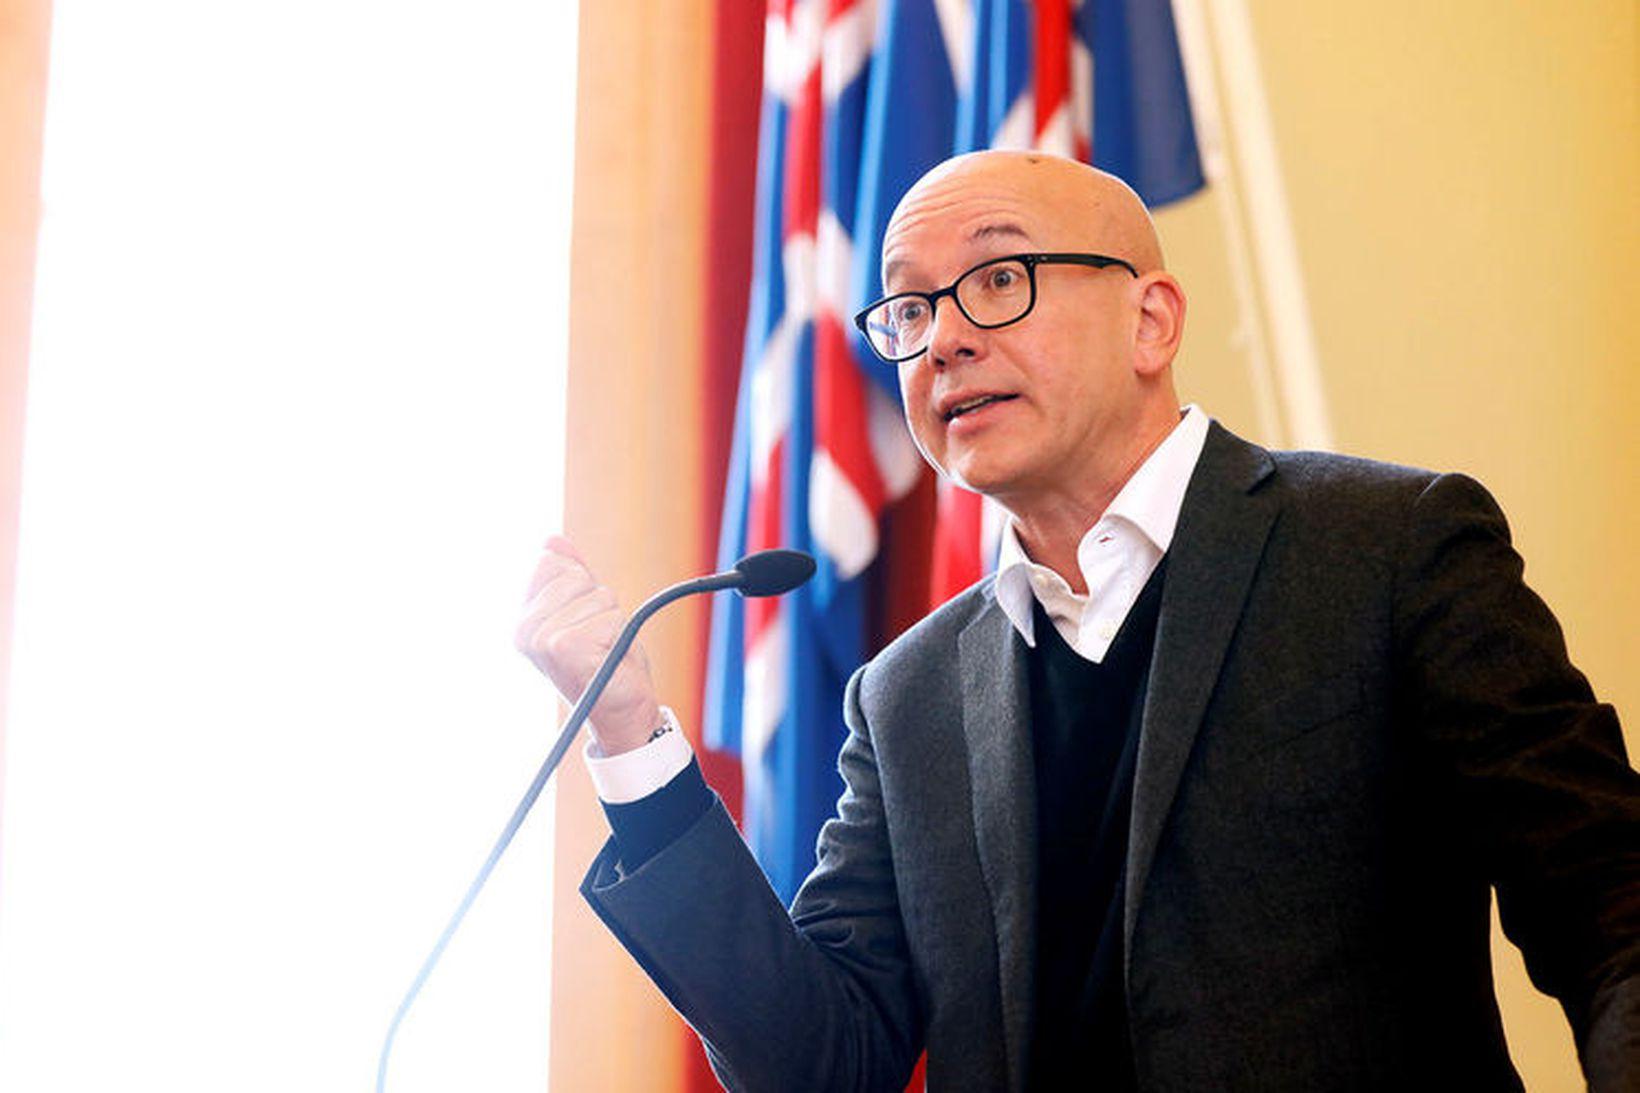 Yves Daccord, framkvæmdastjóri alþjóðaráðs Rauða krossins, flutti erindi í Háskóla …